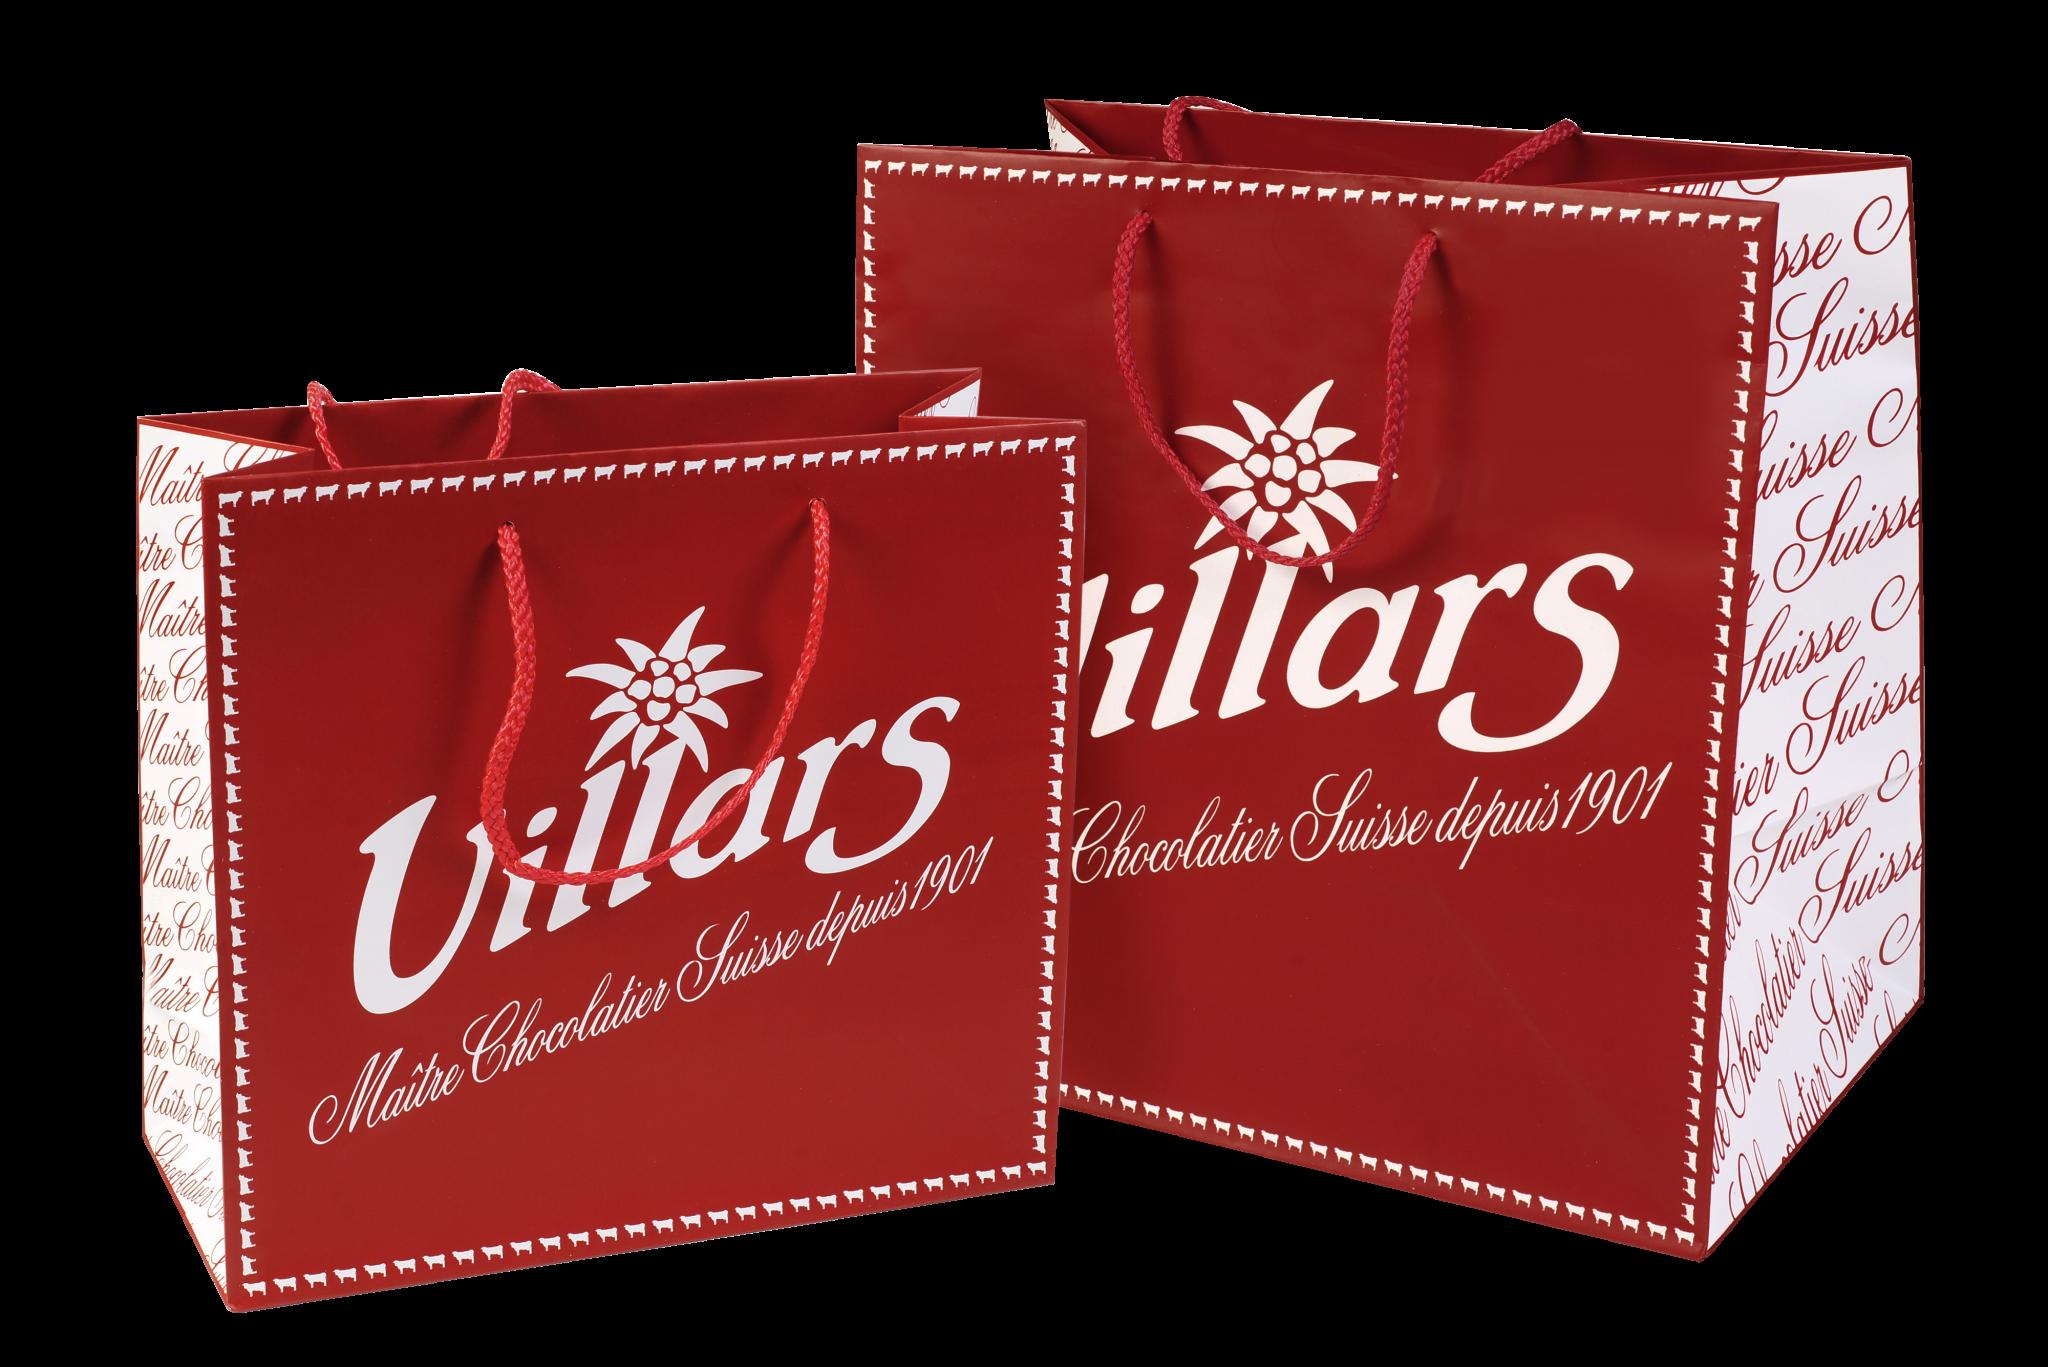 Shopping Bags Custom Made for Villars